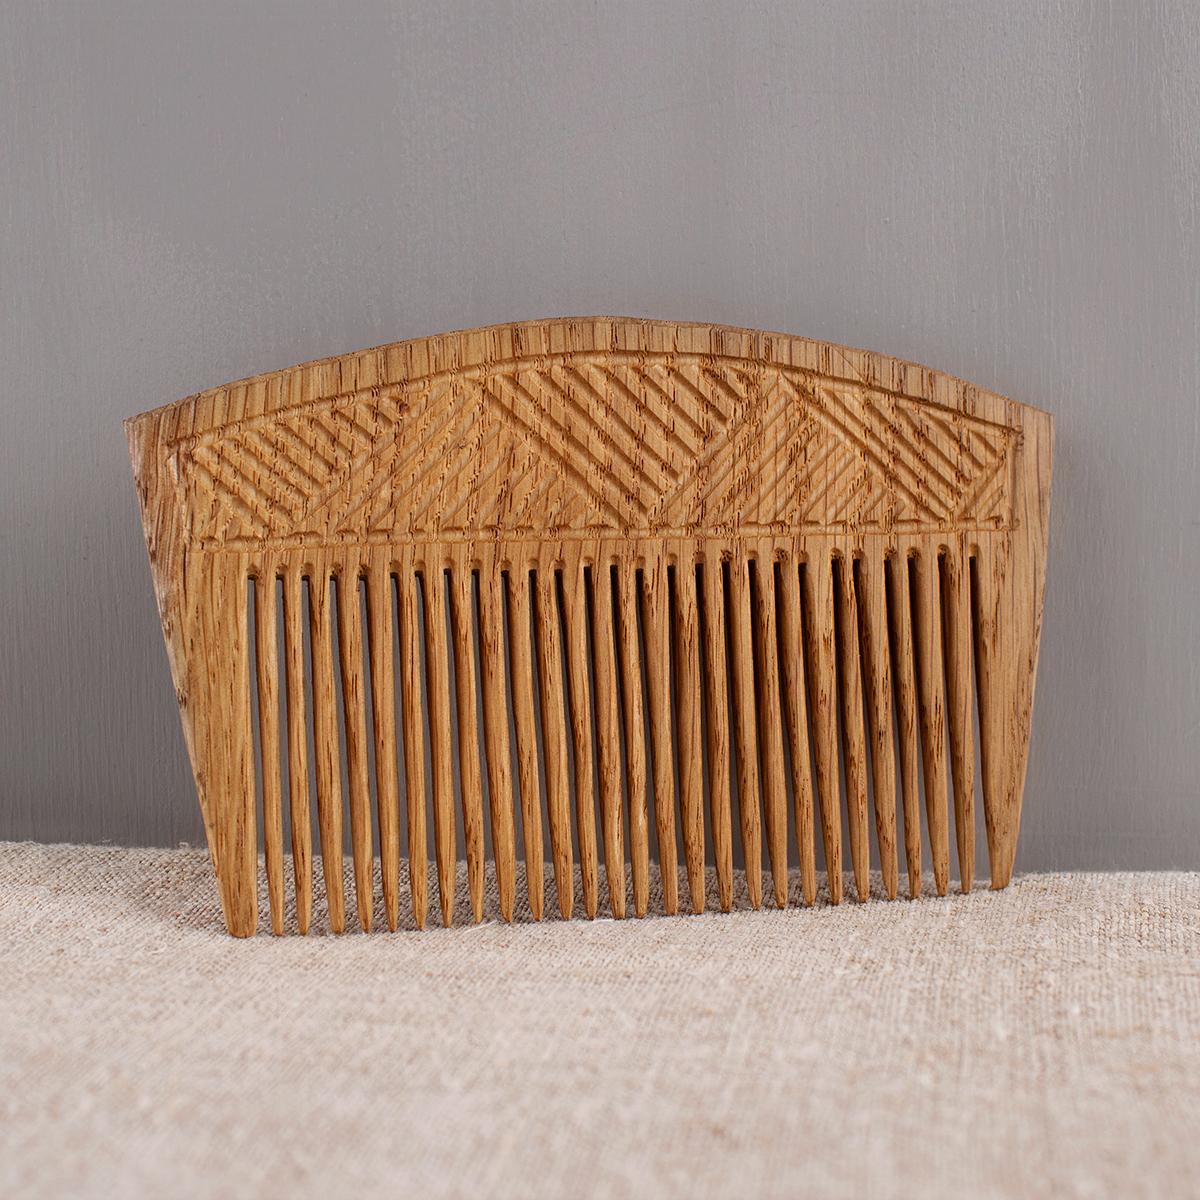 Oak comb with narrow teeth